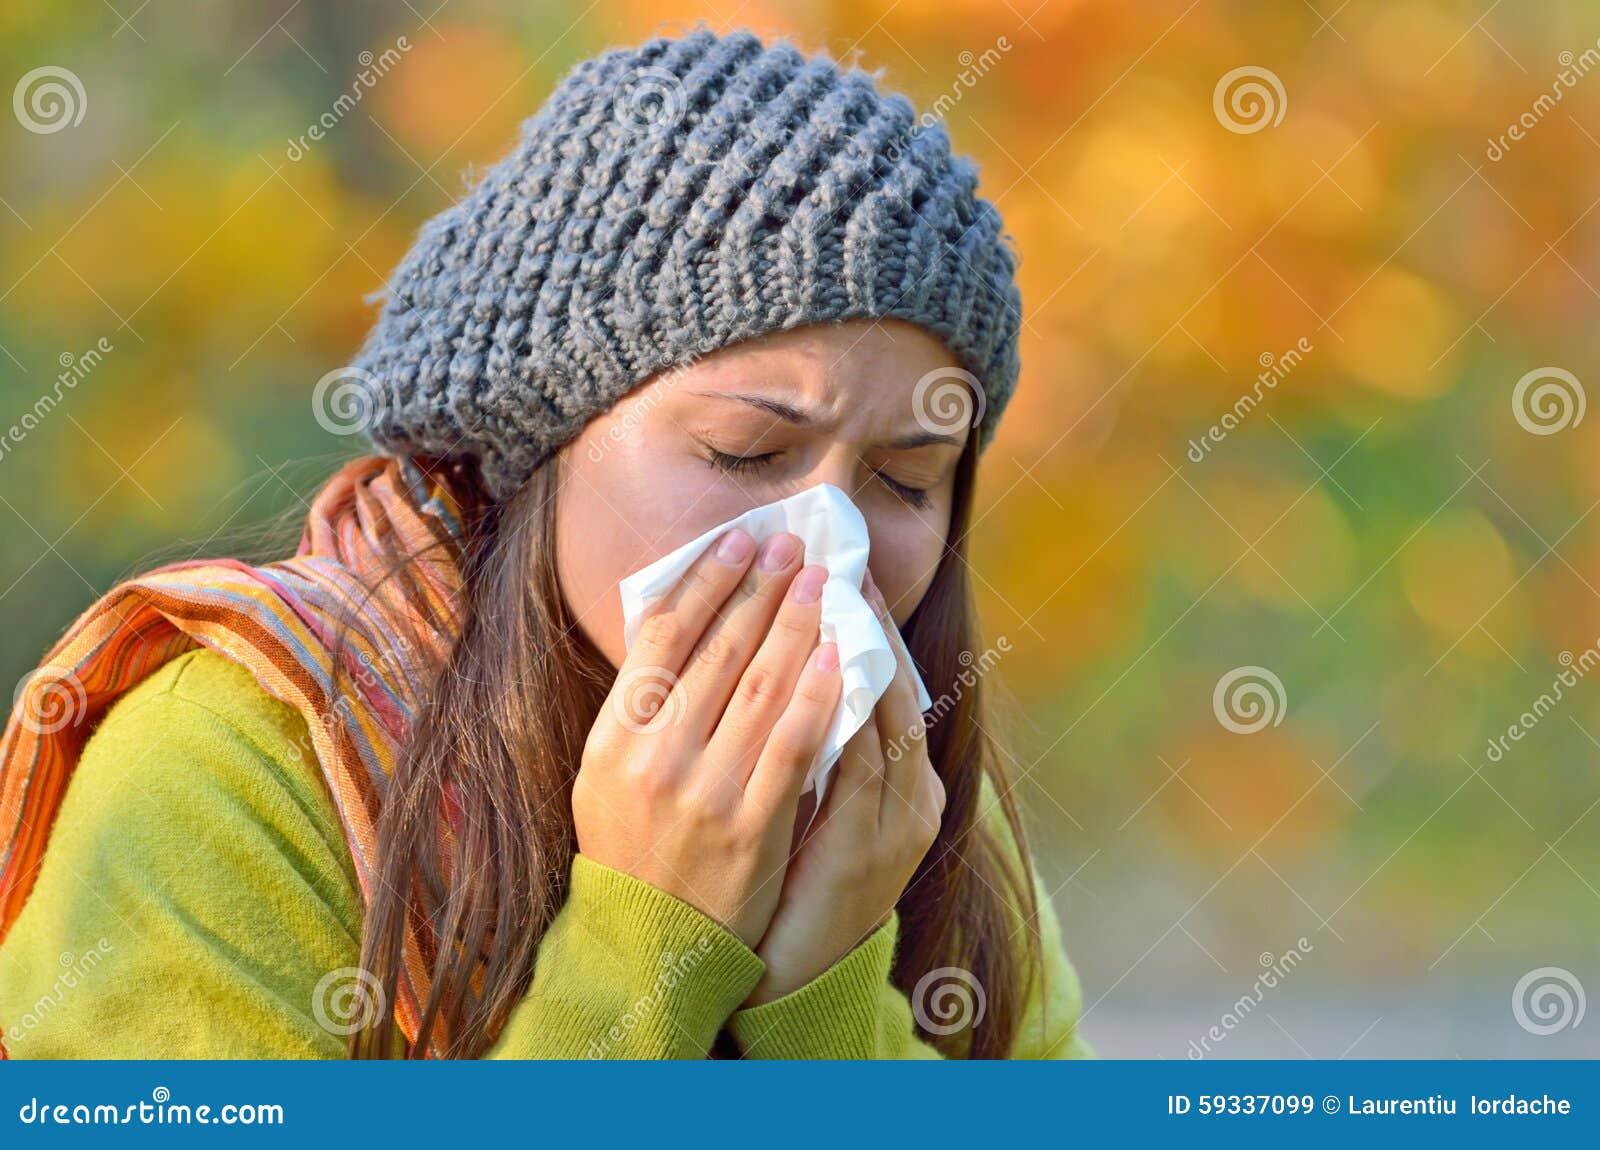 Girl sneezing in tissue.